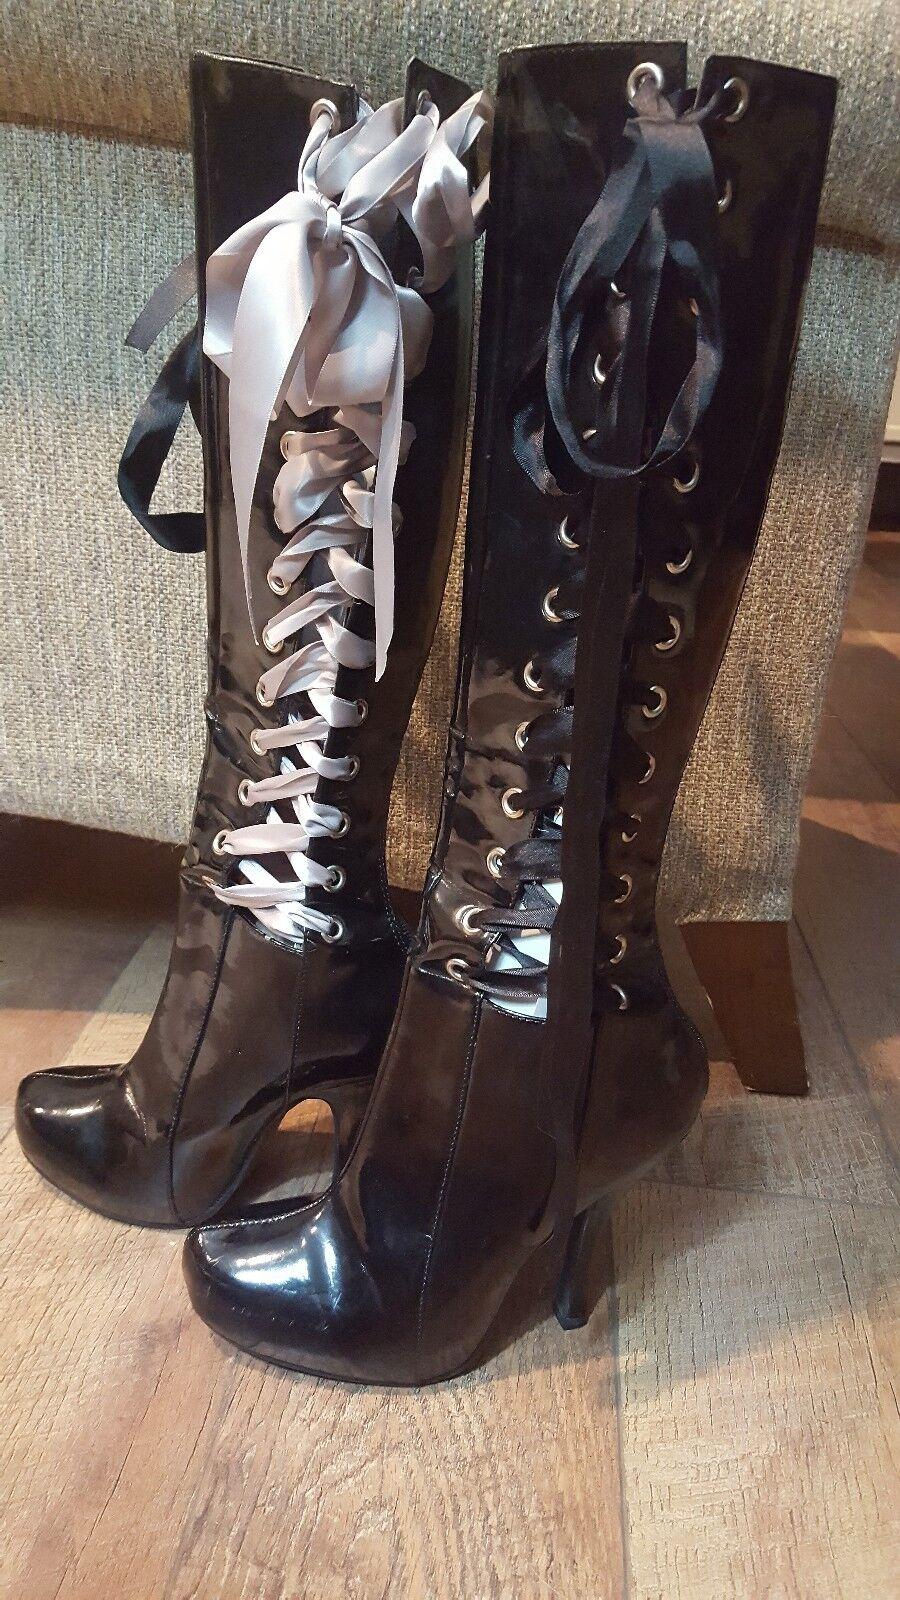 Penthouse castidad Charol Negro Negro Negro botas con cordones Sexy Con Cremallera Talla 8  Seleccione de las marcas más nuevas como